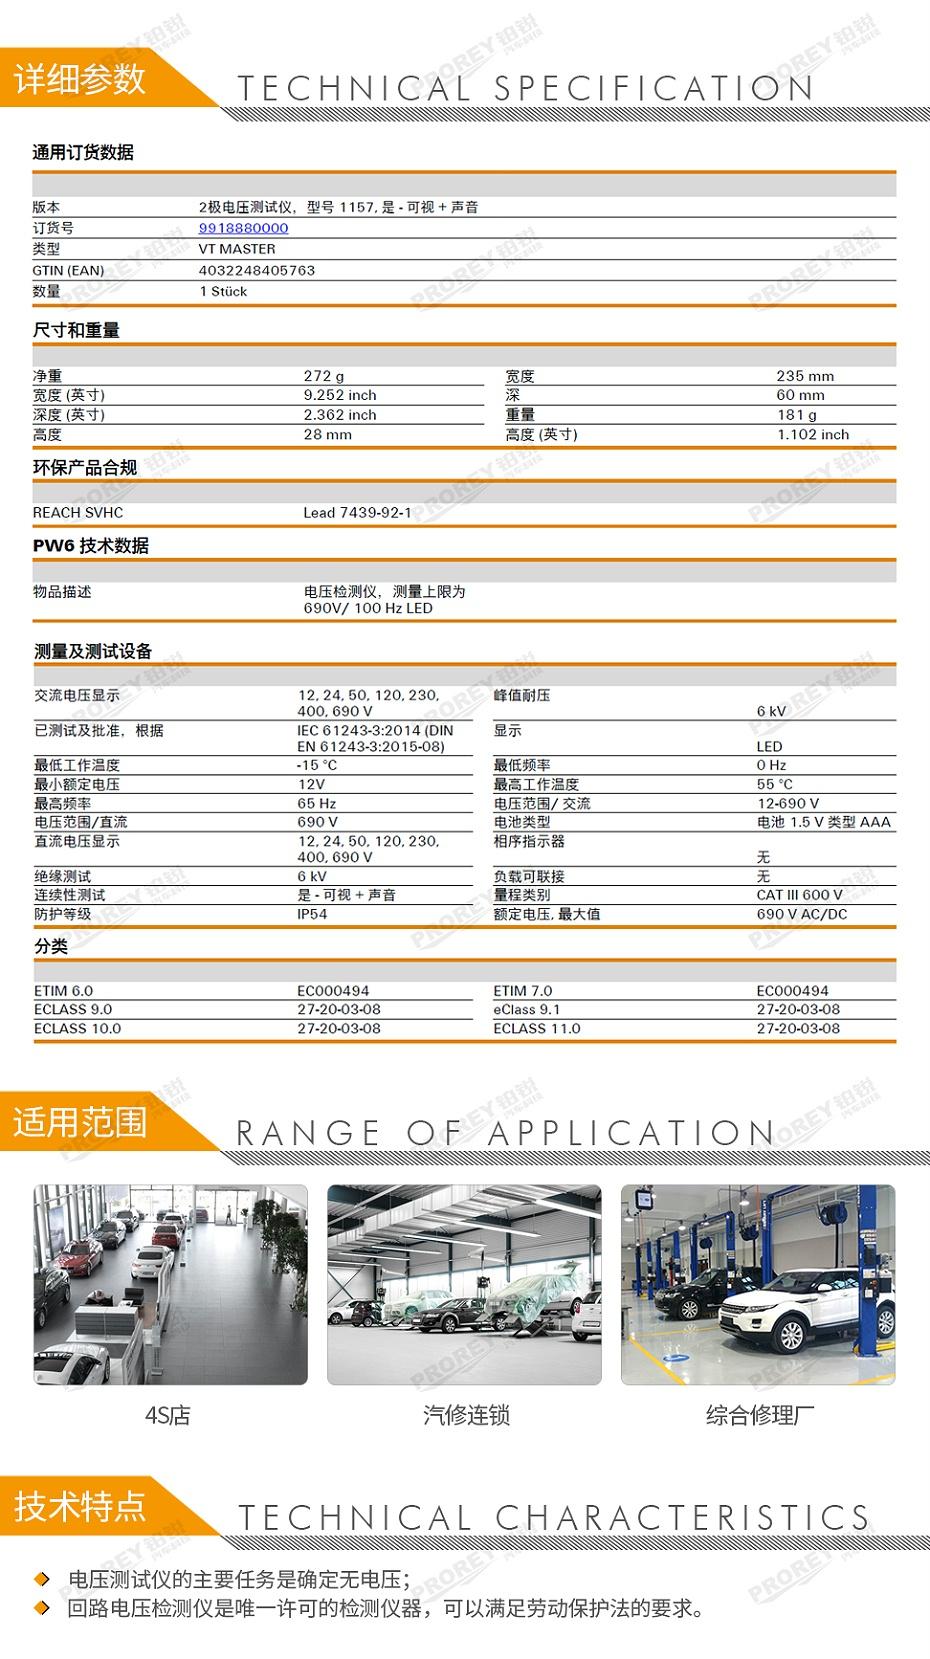 GW-120300028-魏德米勒 9918880000 2极电压测试仪-2